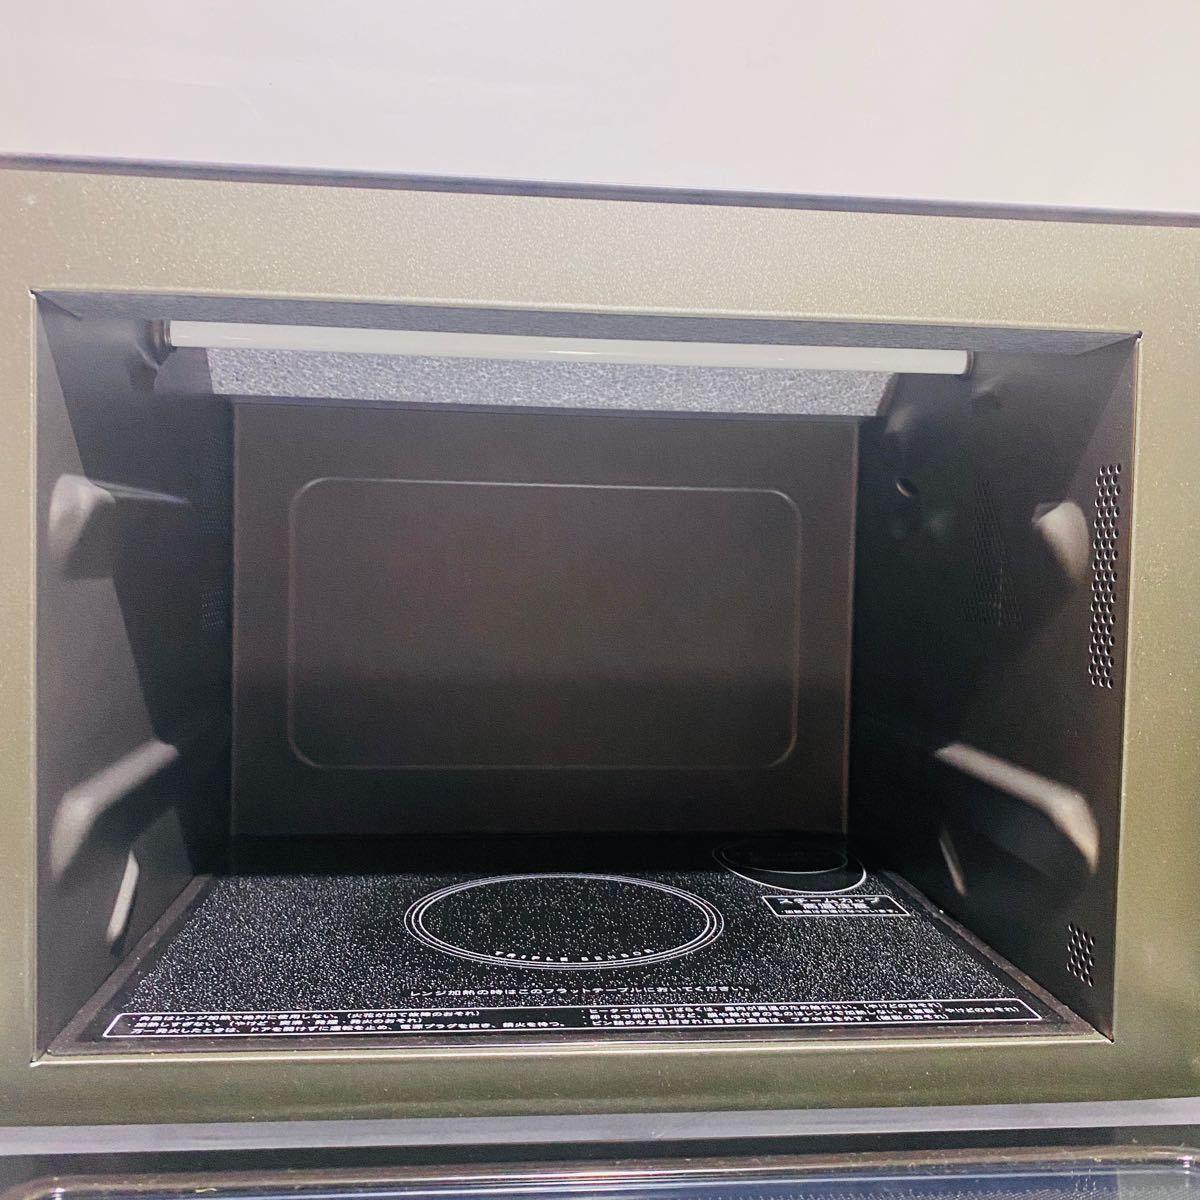 [使用回数 極少!]SHARP 加熱水蒸気 オーブンレンジ RE-F23A-B